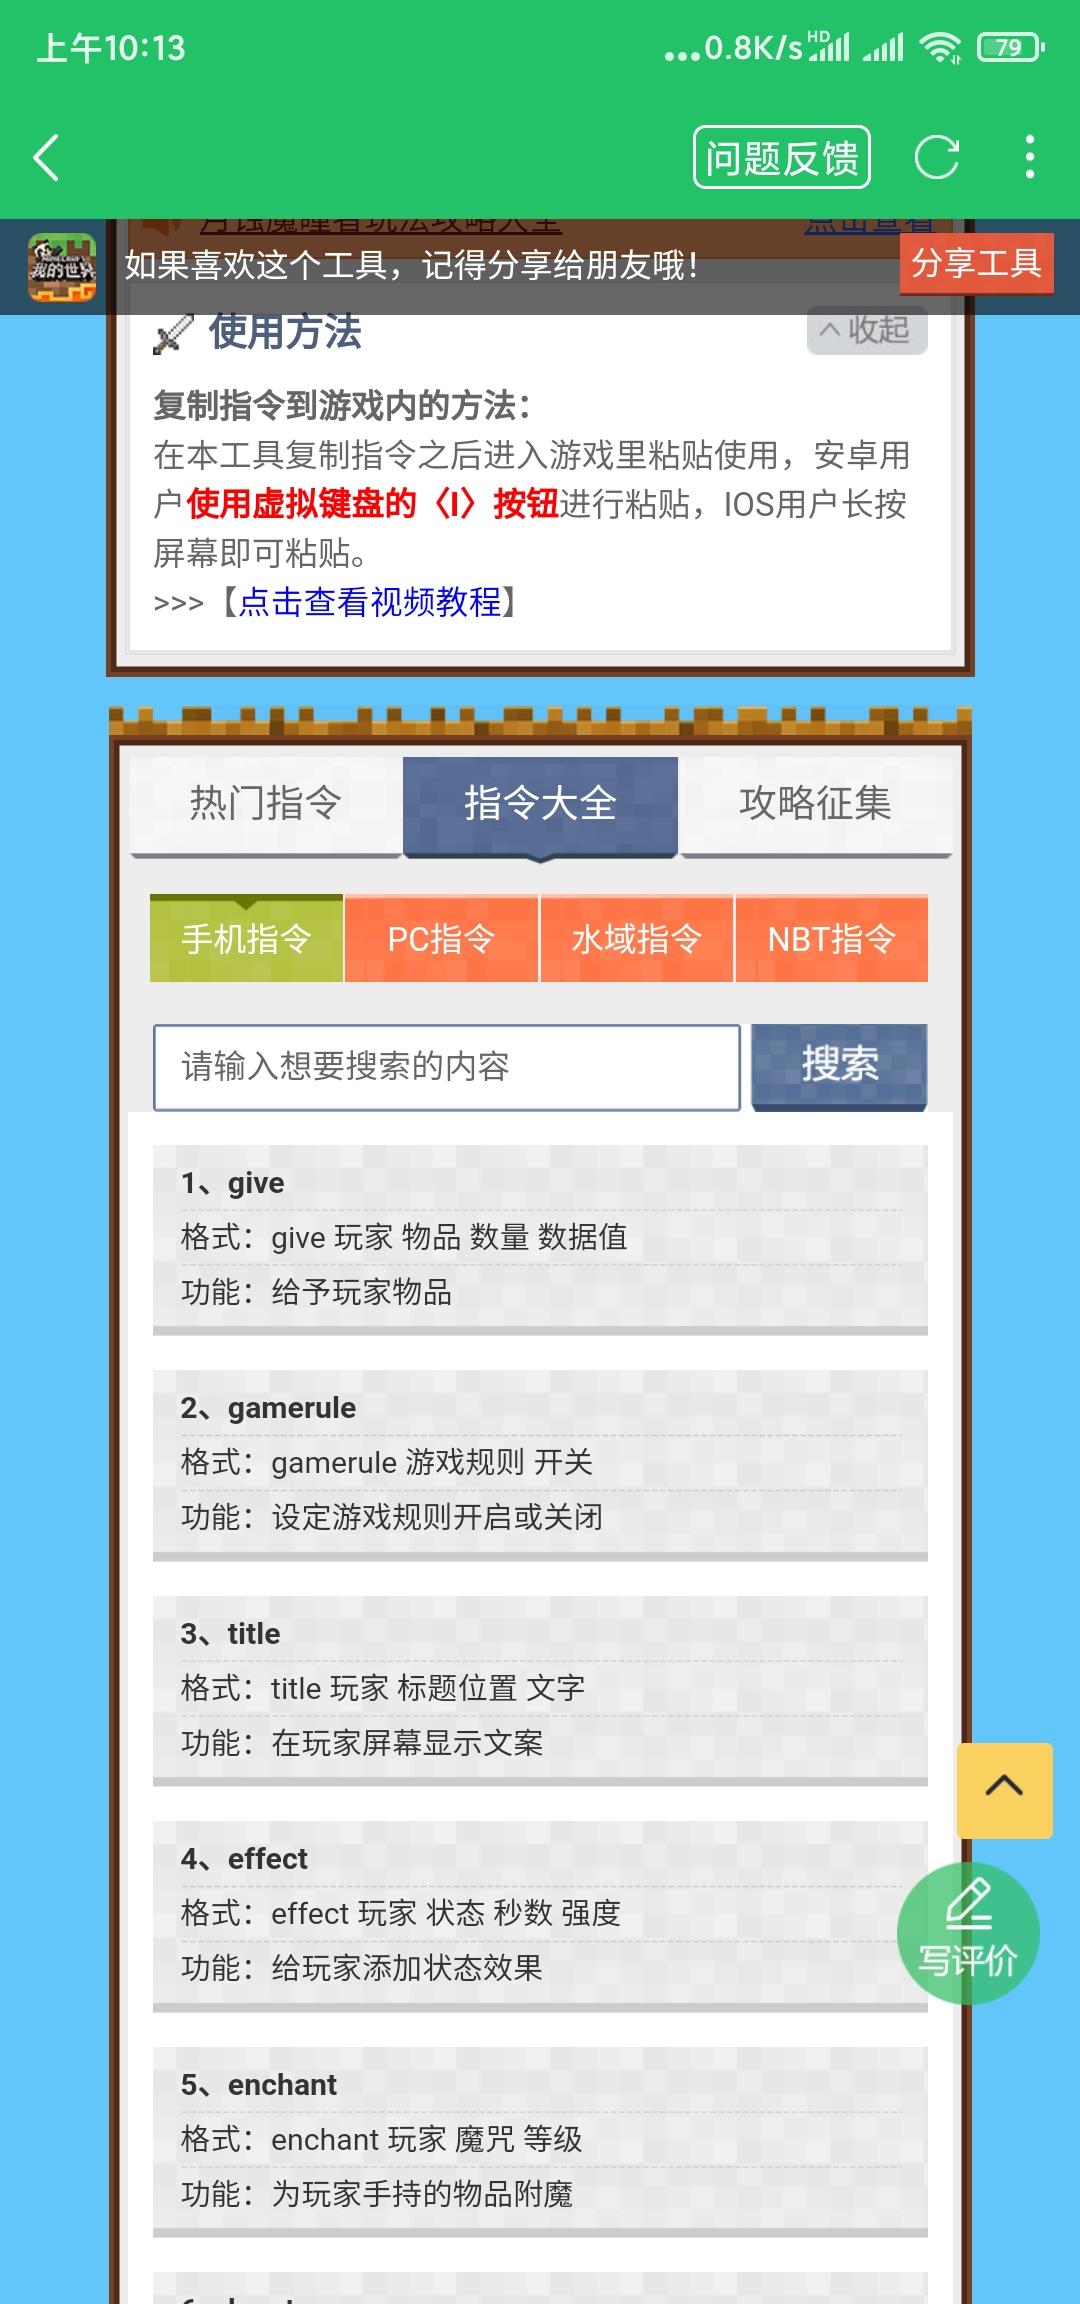 Screenshot_2021-05-03-10-13-46-093_com.xmcy.hykb.jpg